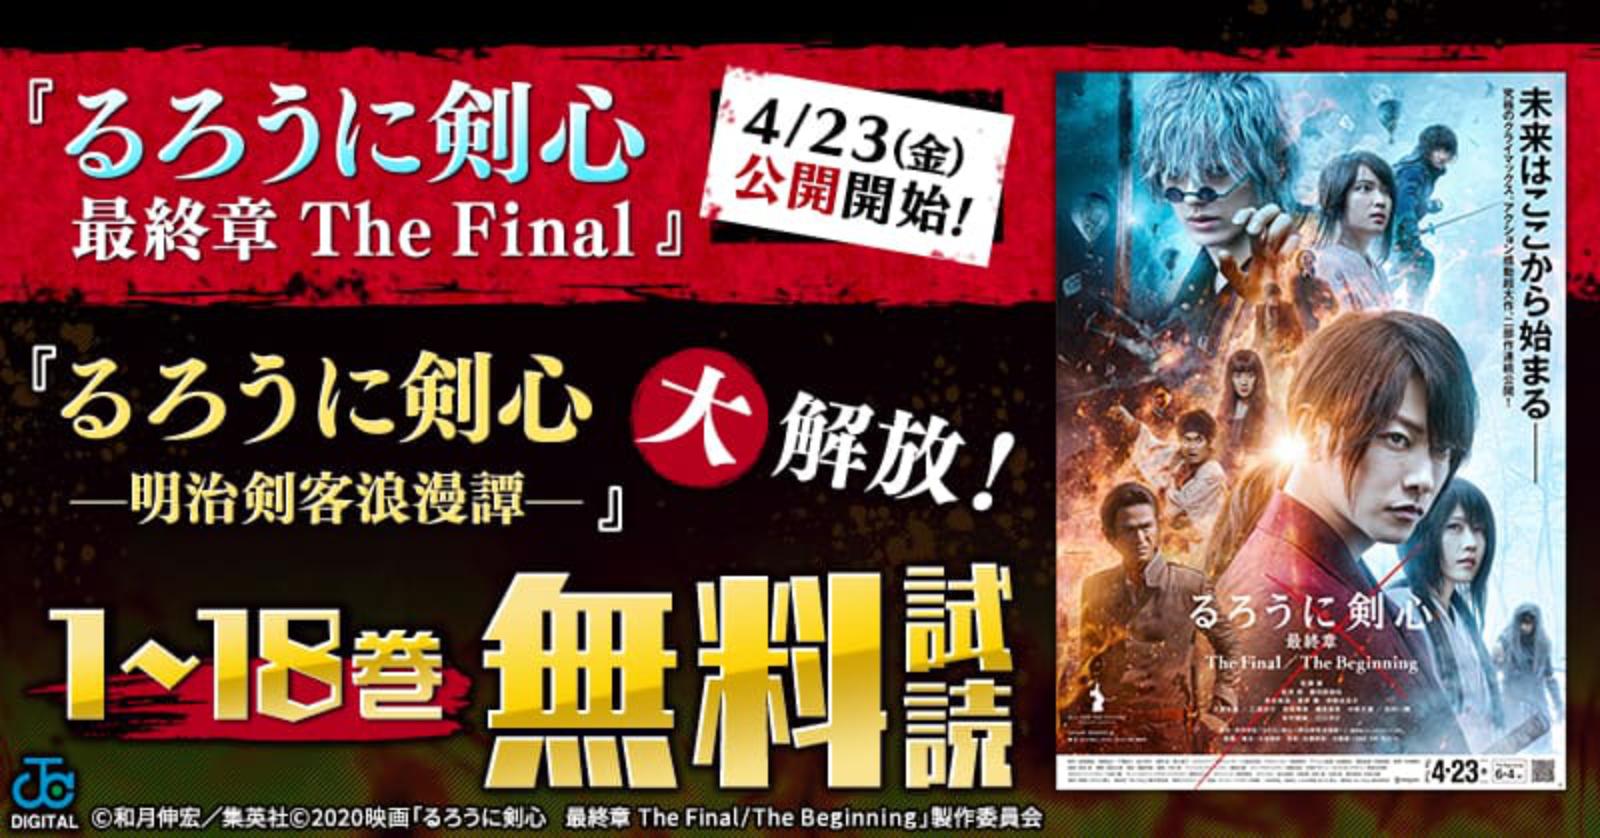 究極のクライマックス。『るろうに剣心 最終章 The Final』公開記念!